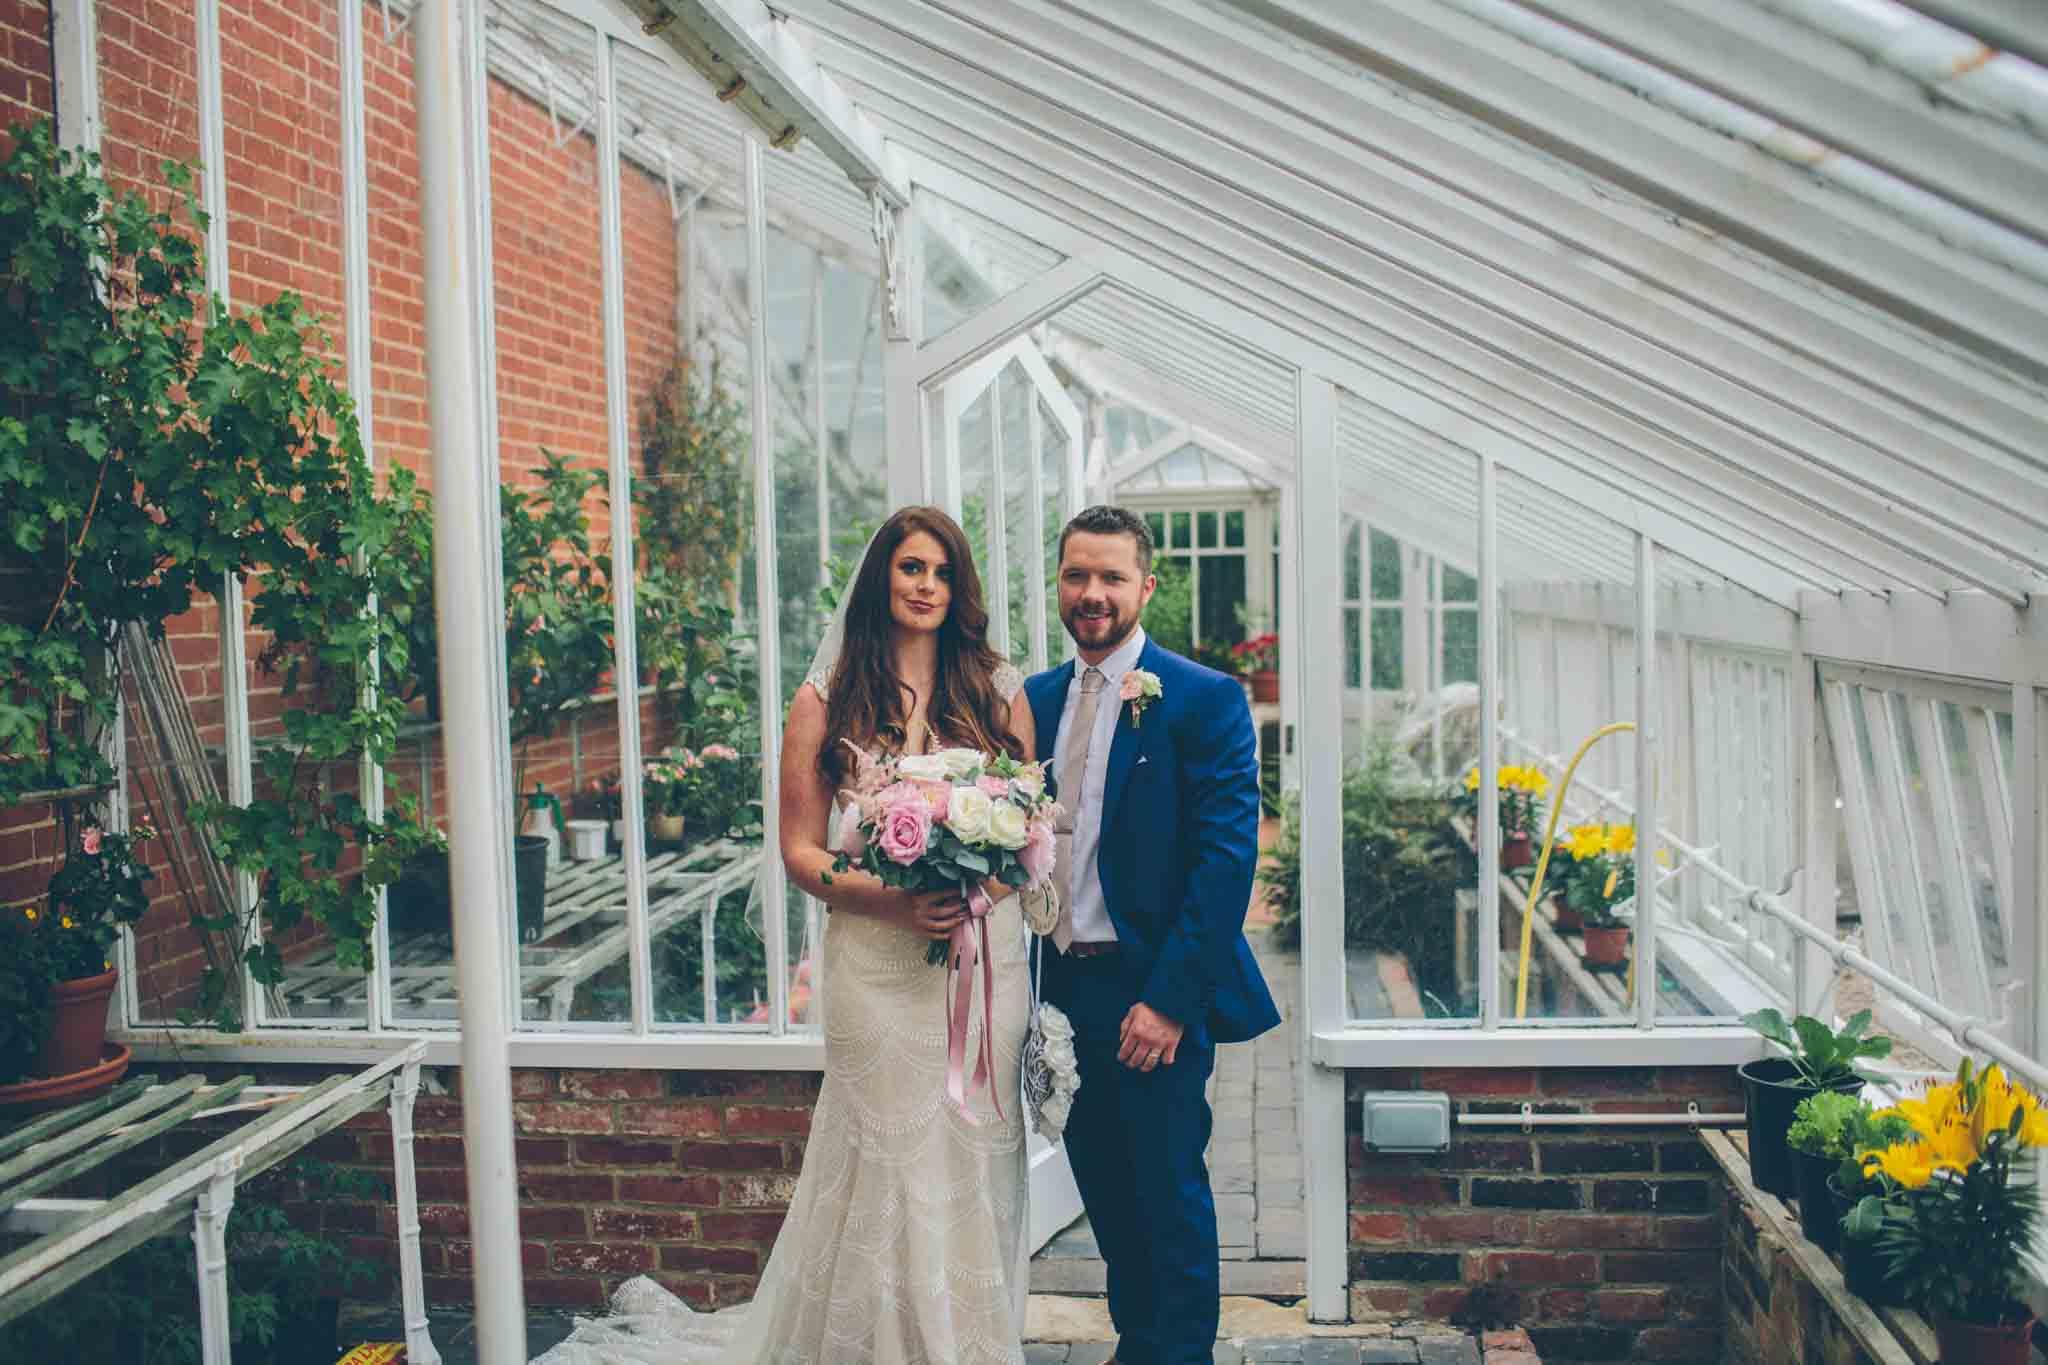 yeldersley hall wedding-282